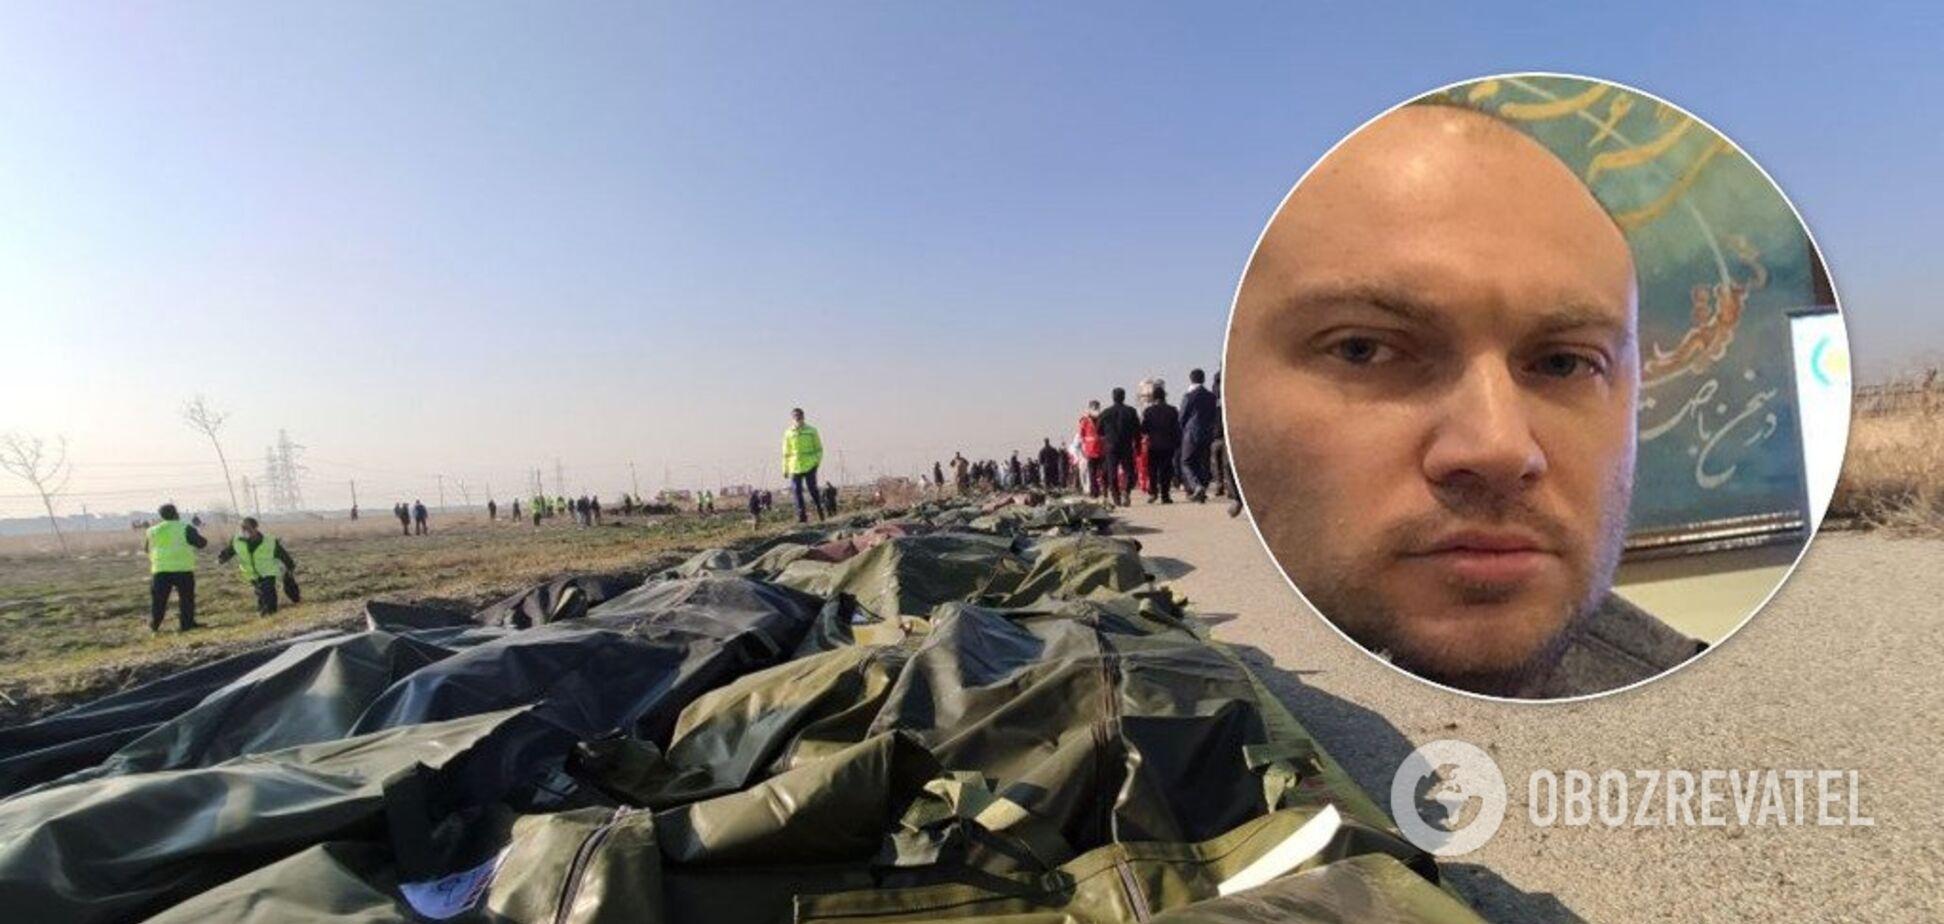 Авиакатастрофа в Иране: украинец рассказал, как чудом спасся от смерти